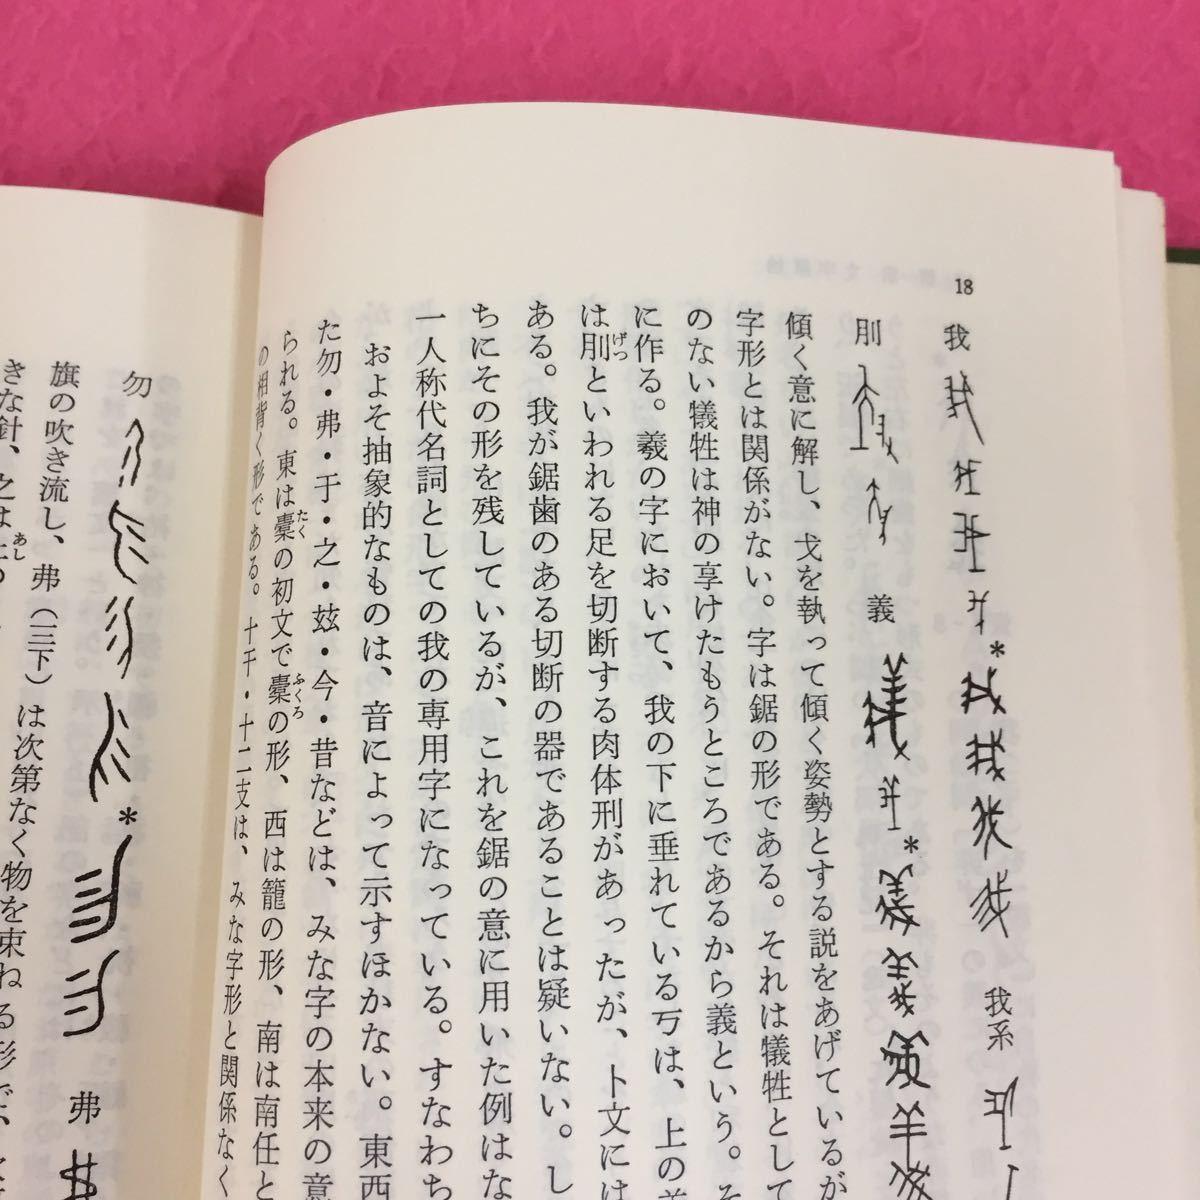 ヤフオク! - あ131 漢字の世界 1 中国文化の原点 白川 静 著 ...